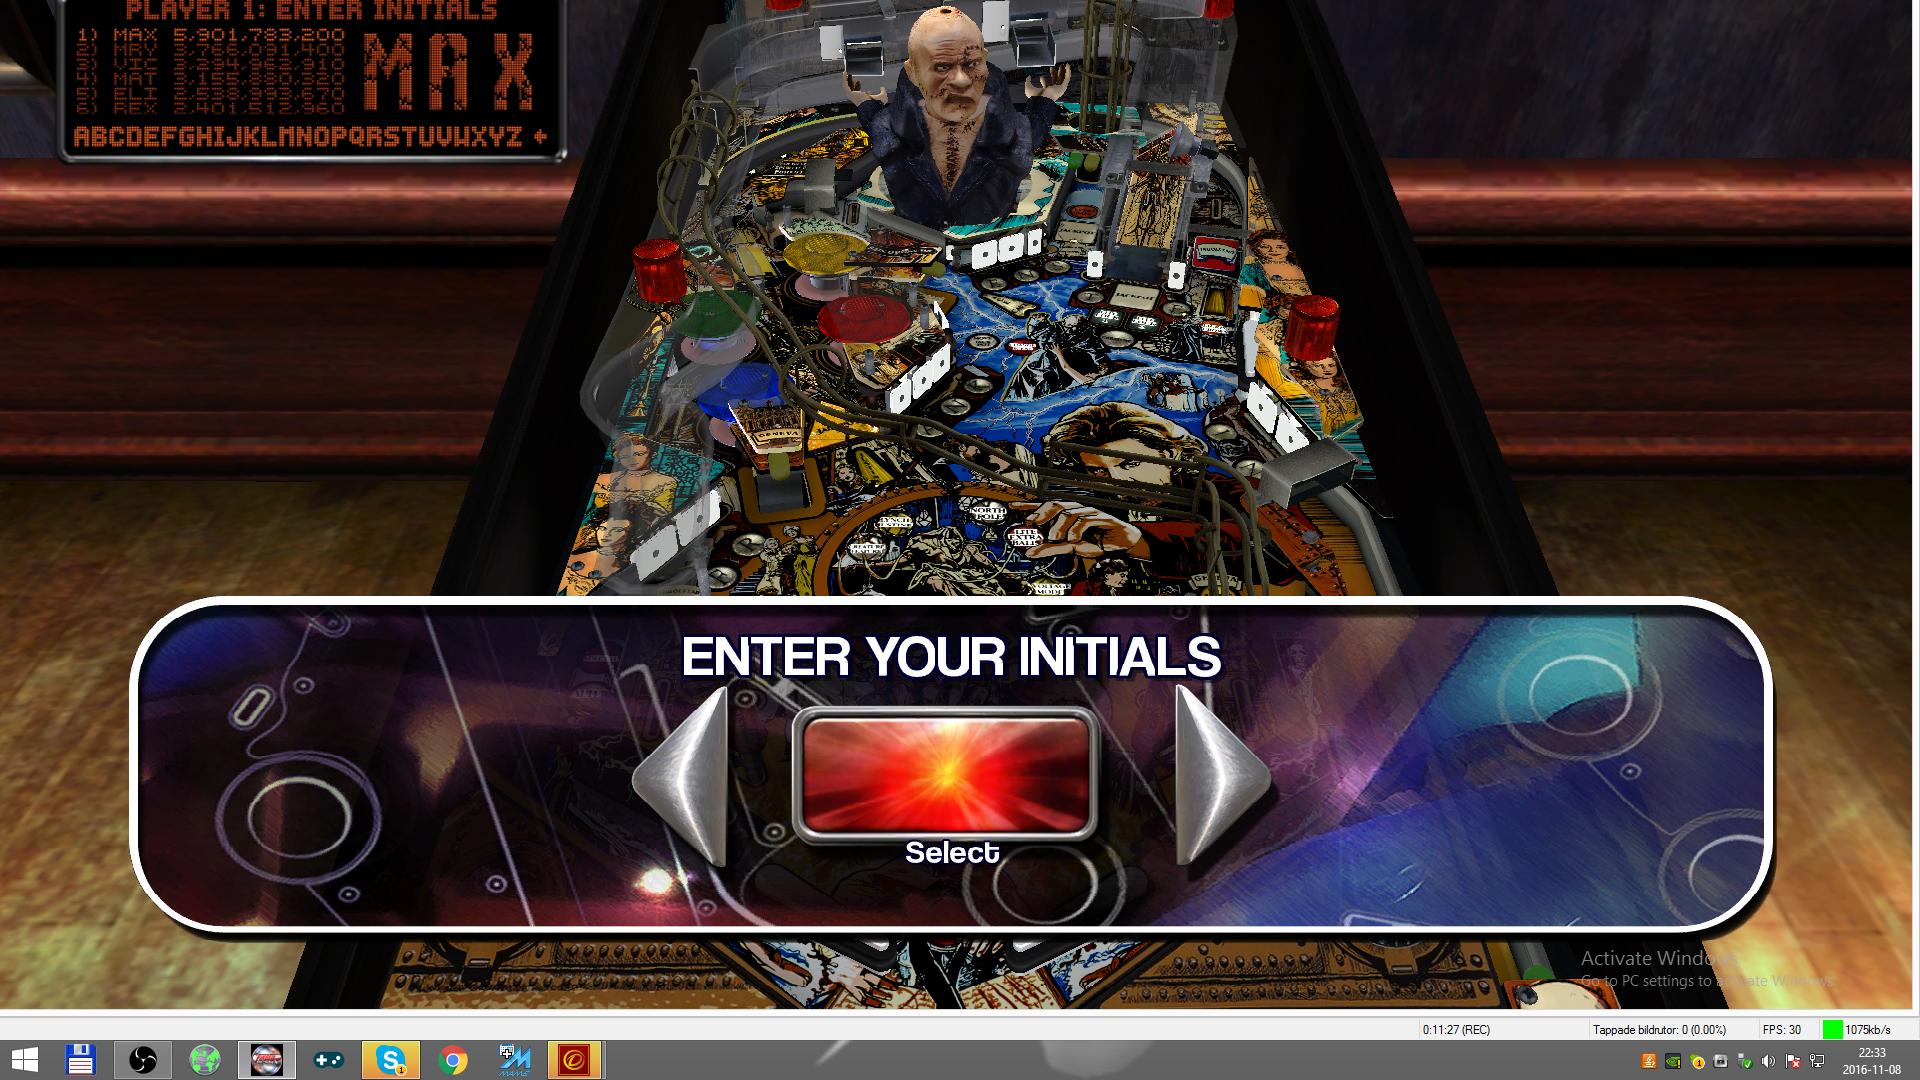 maxgreat: Pinball Arcade: Mary Shelley